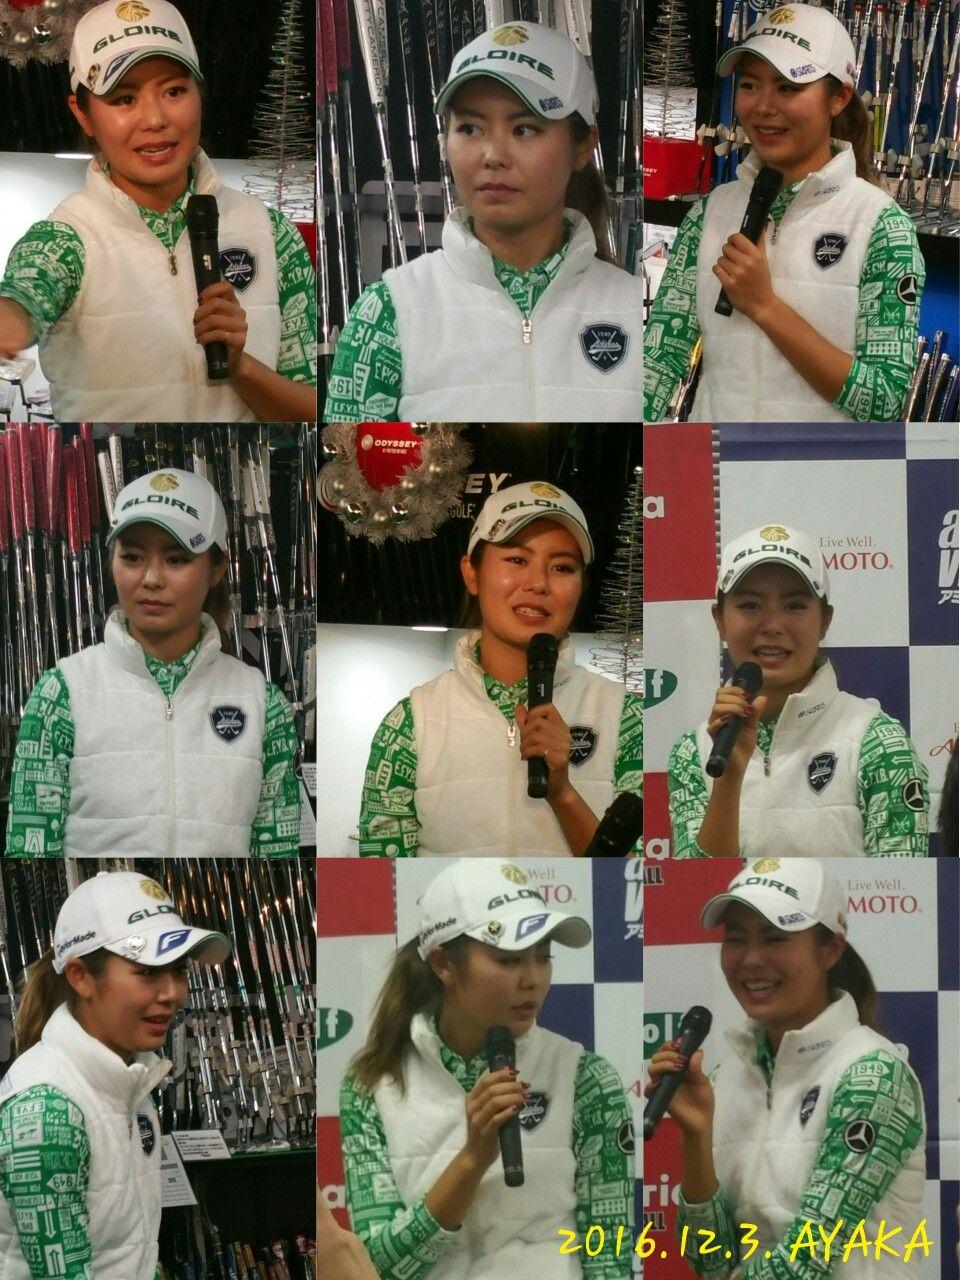 松森彩夏の初イベント! #松森彩夏#ゴルフ#golf